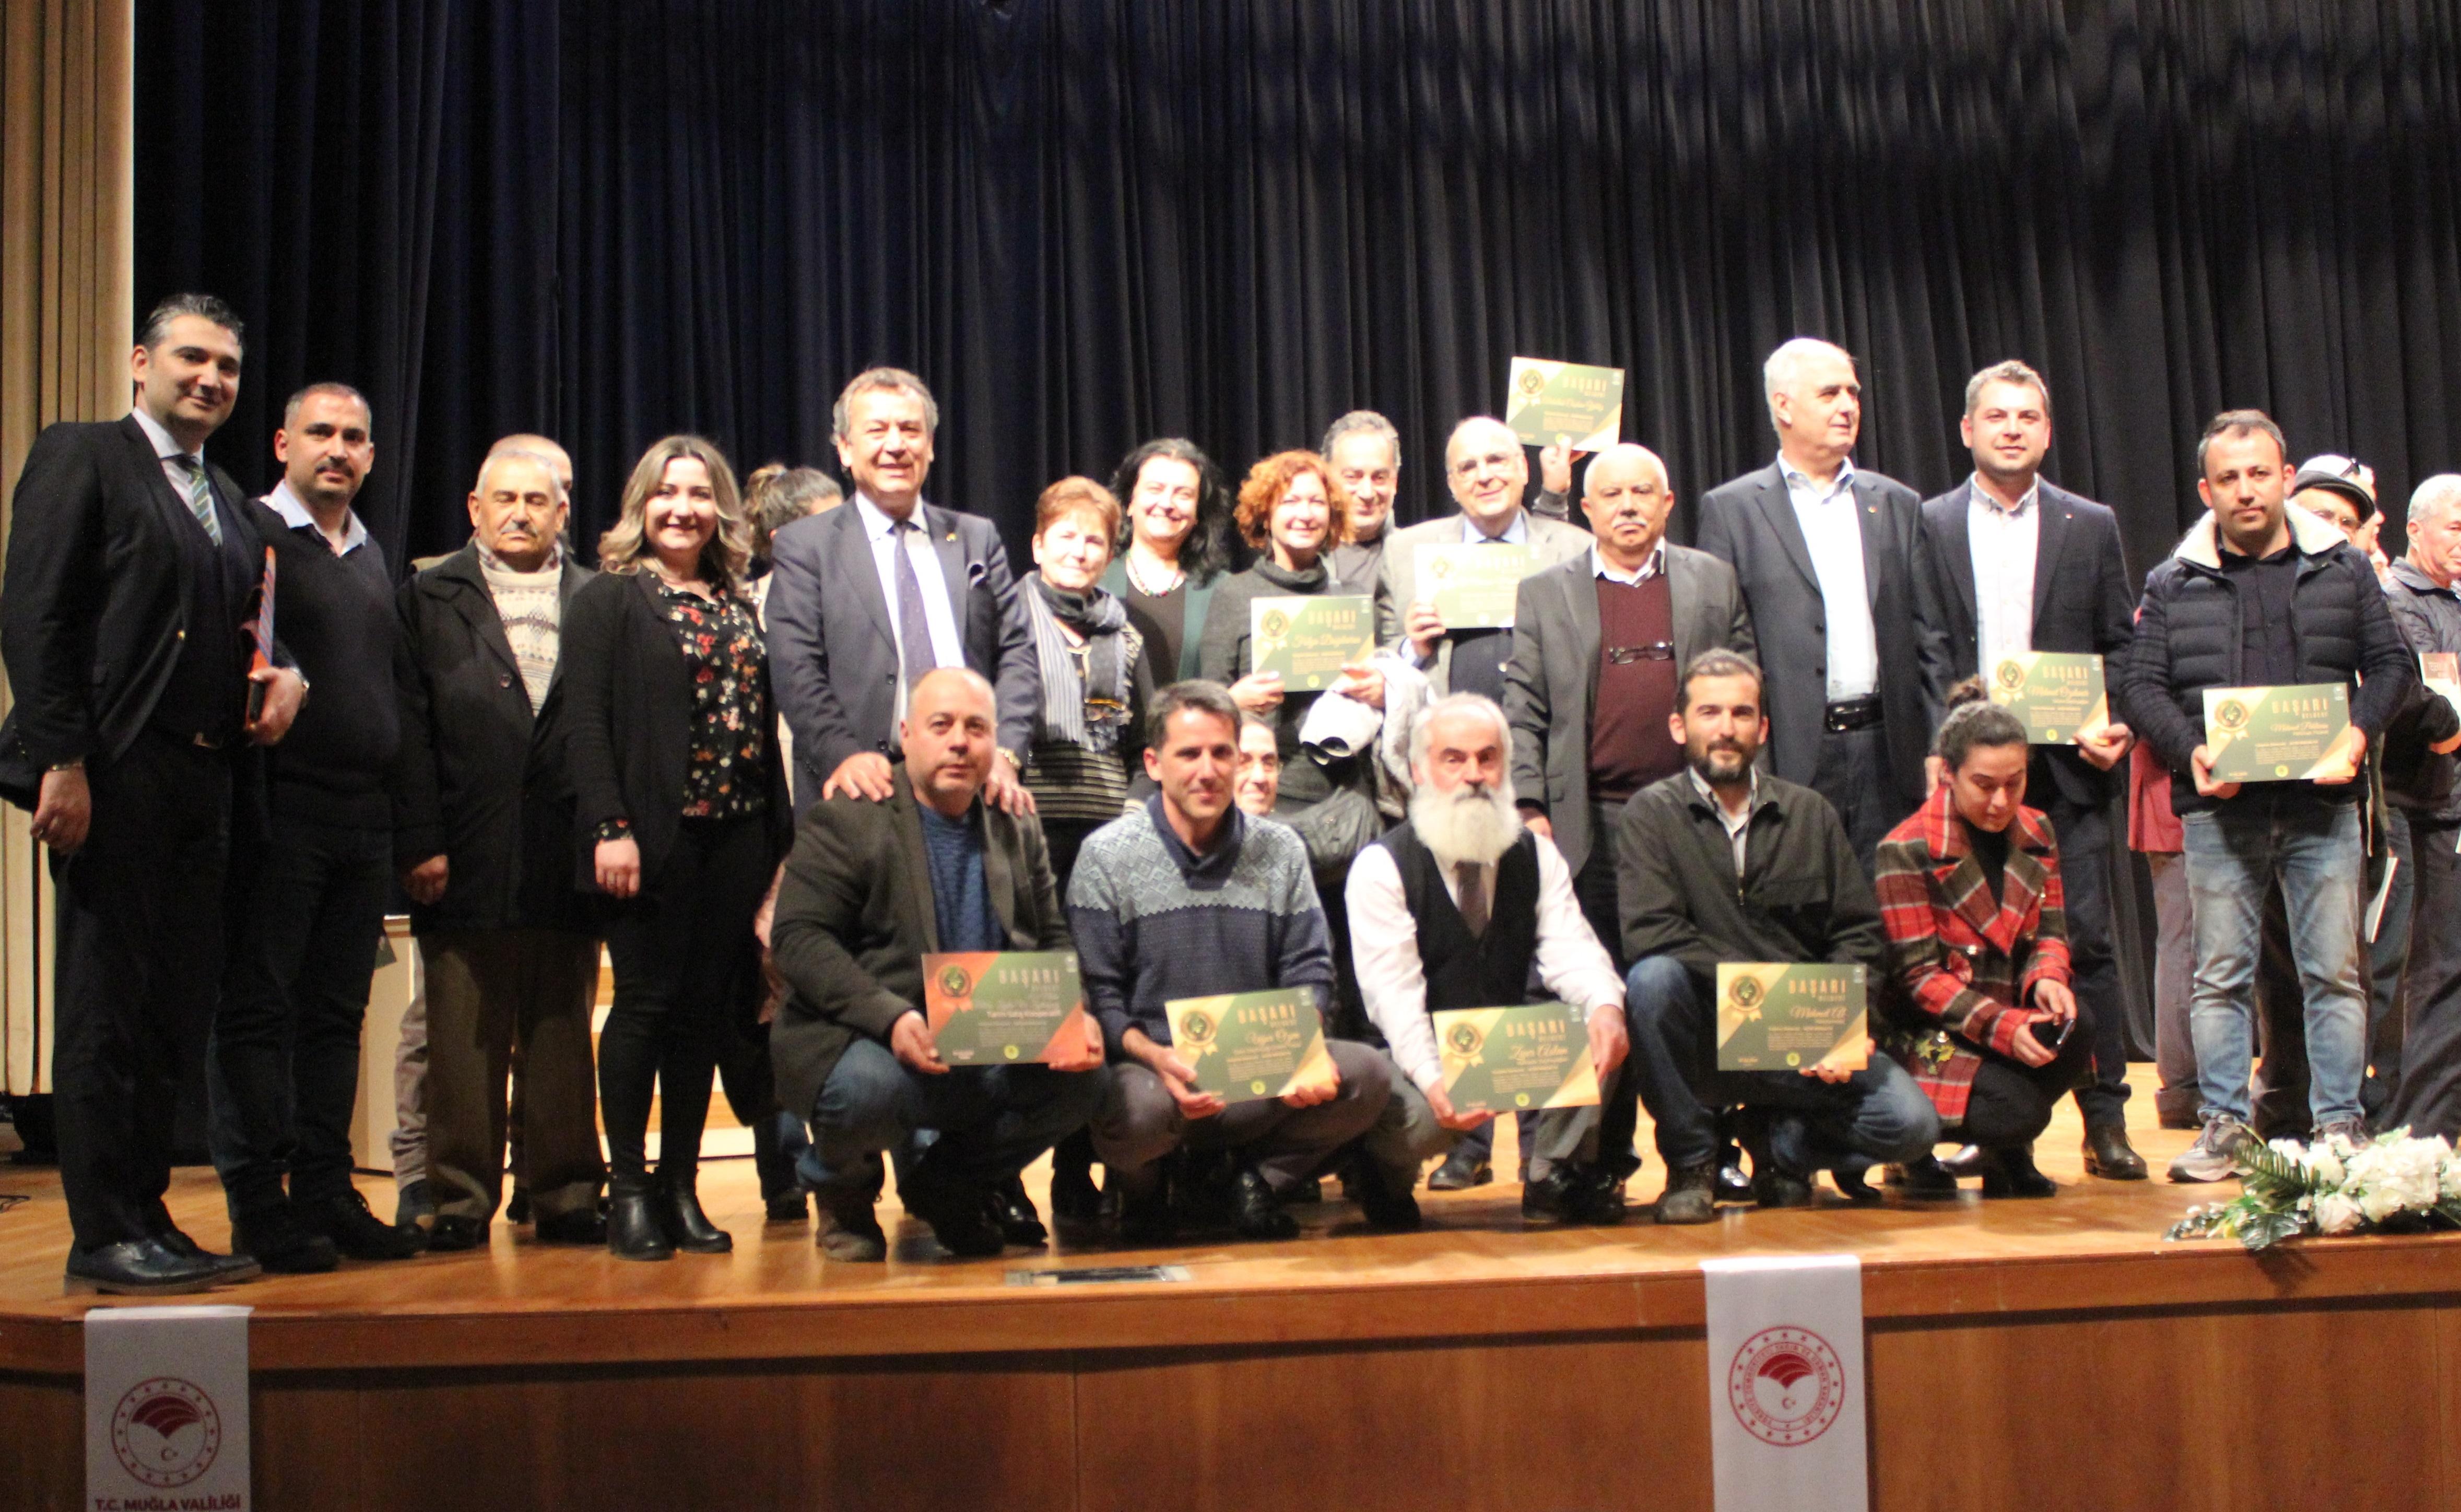 Milas zeytinyağları Muğla'da 14 altın, 4 gümüş ve 3 bronz madalya kazandı MİTSO : GURURLUYUZ.